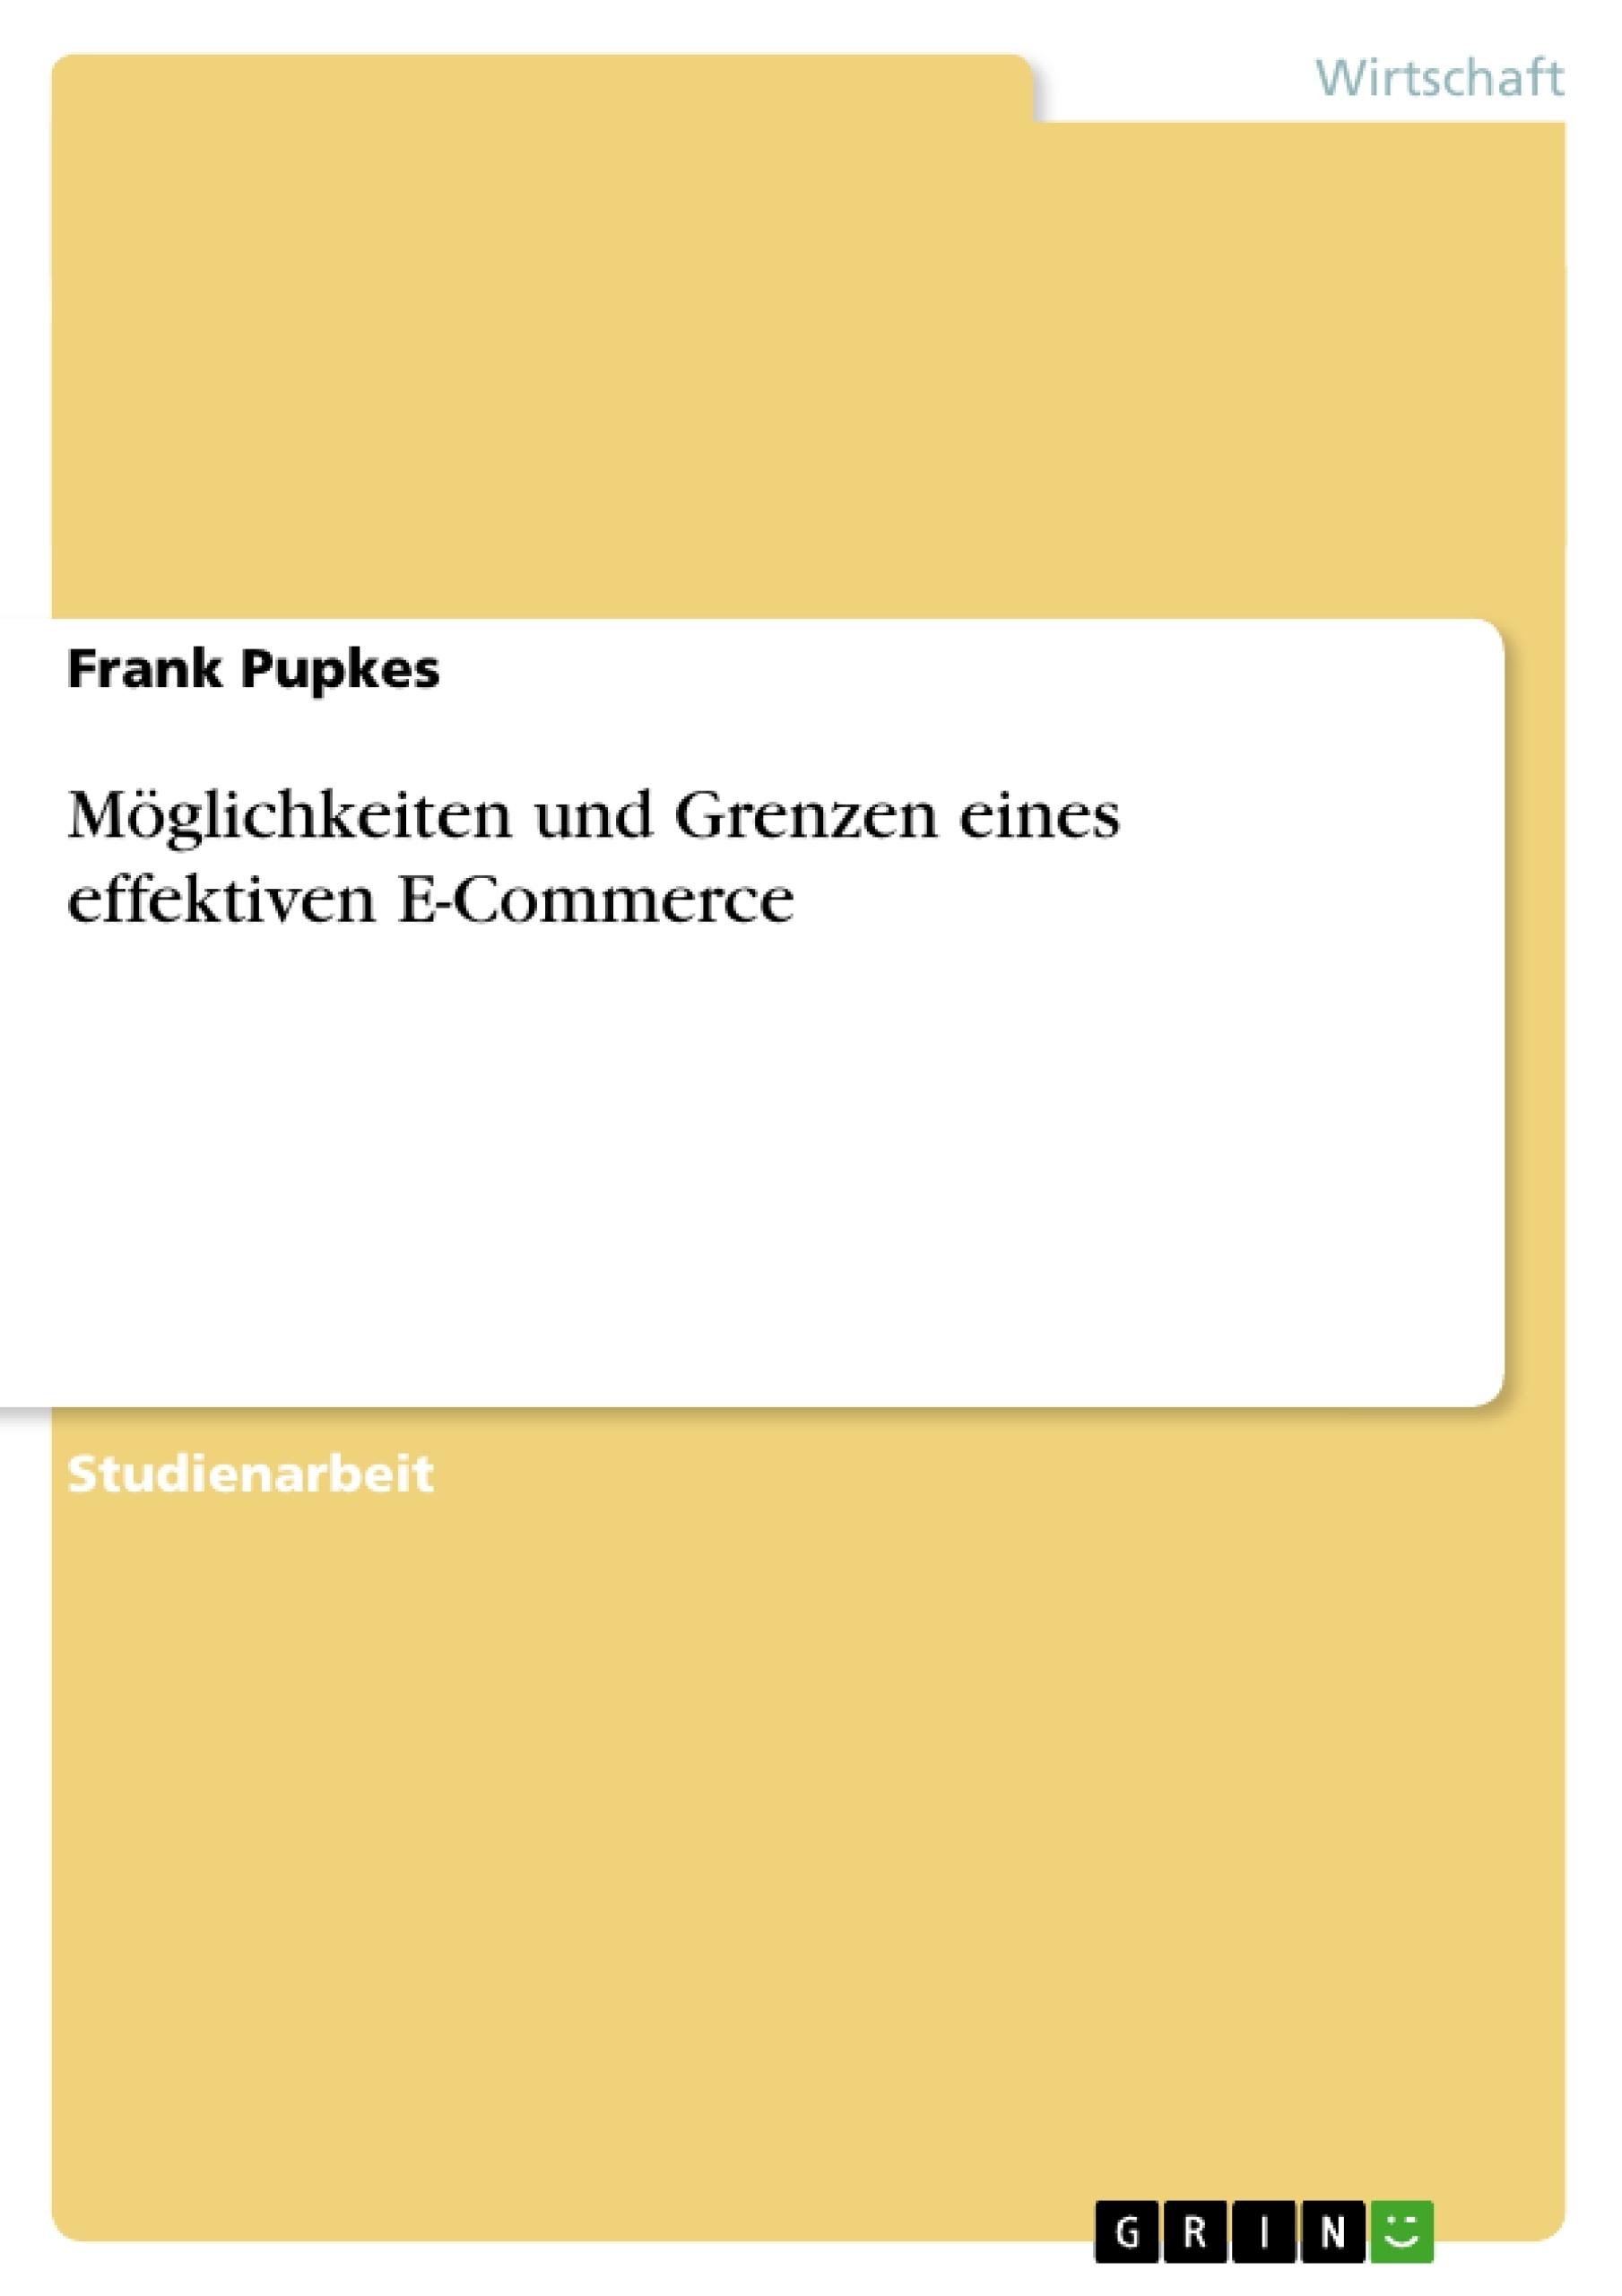 Titel: Möglichkeiten und Grenzen eines effektiven E-Commerce